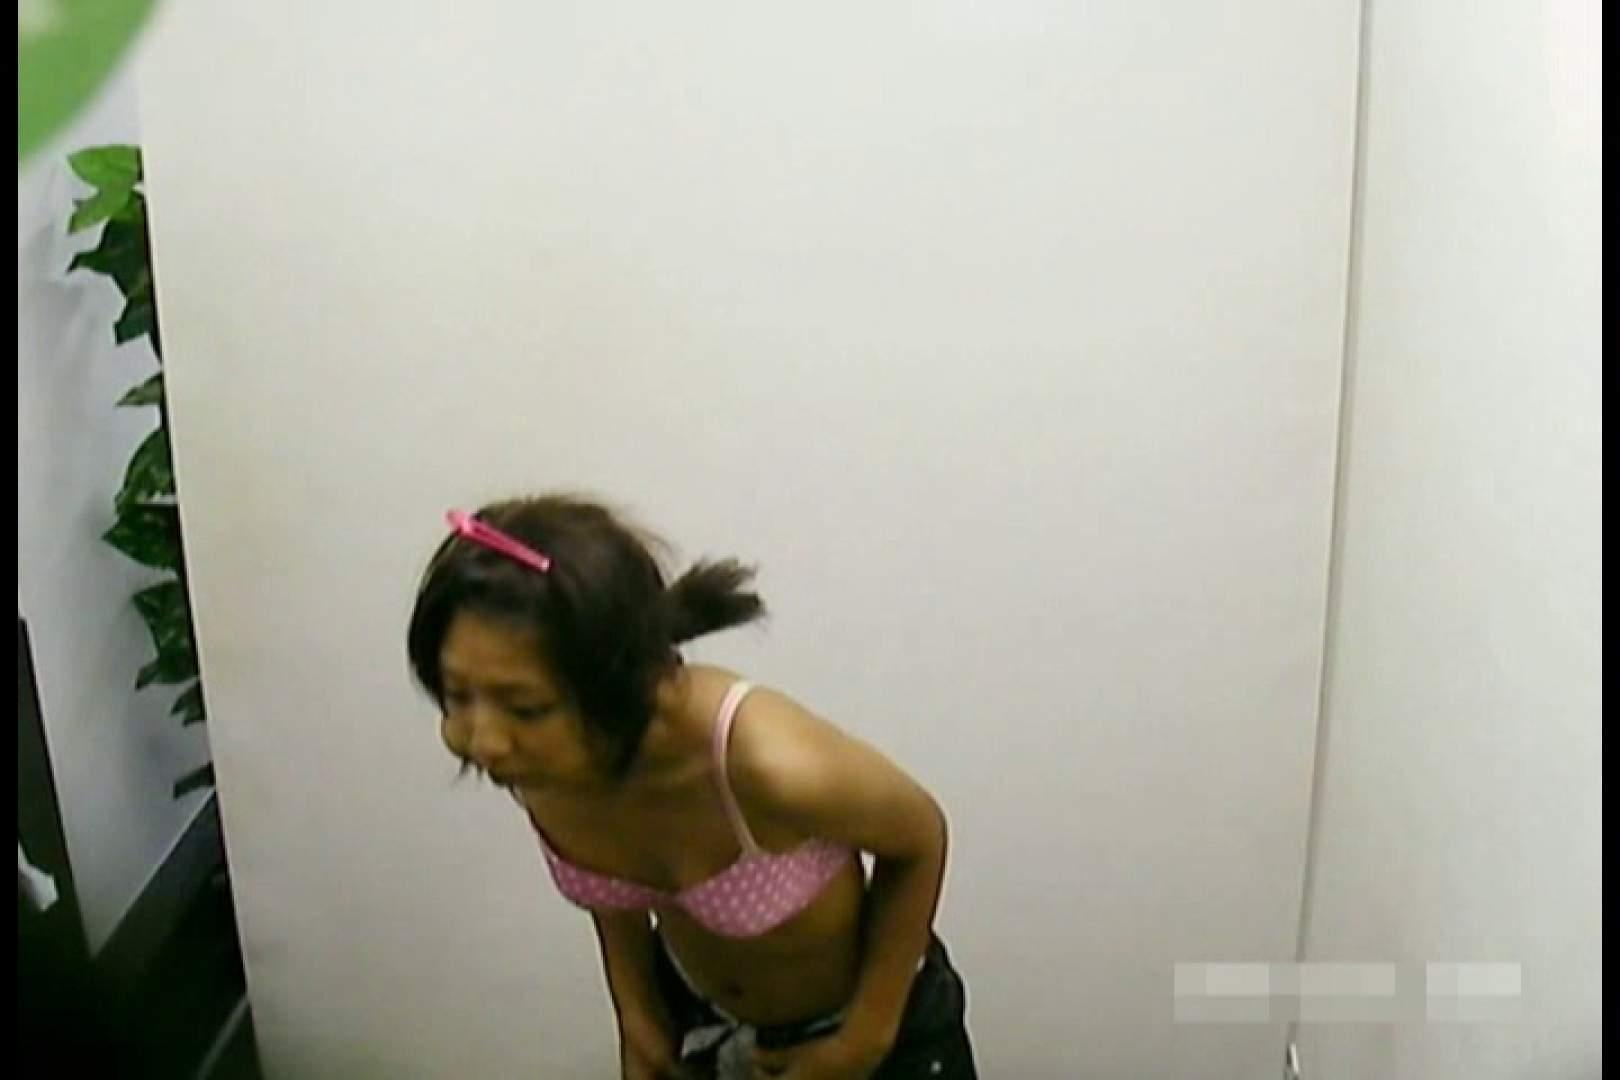 素人撮影 下着だけの撮影のはずが・・・エミちゃん18歳 素人のぞき エロ画像 65pic 11